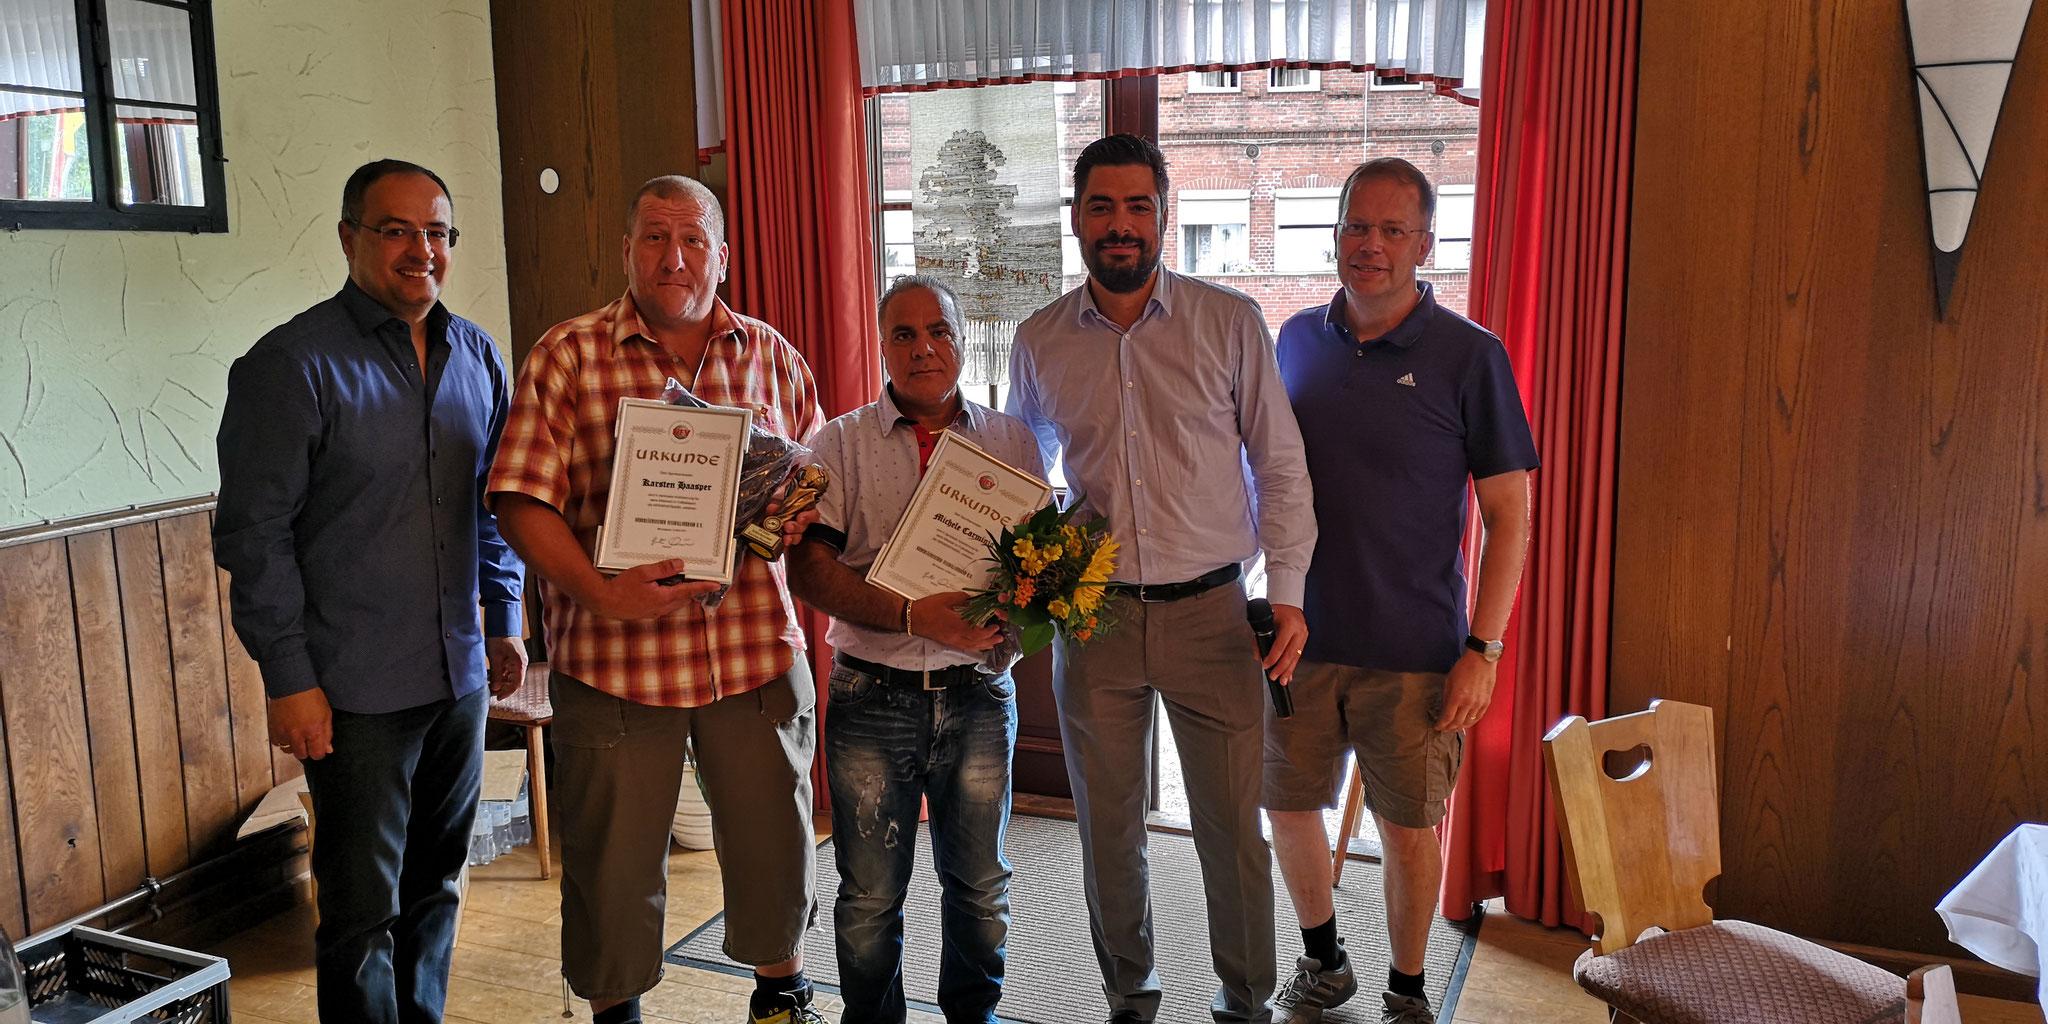 15 Jahre Schiesrichtertätigkeit: Michele Carminio und Karsten Haasper